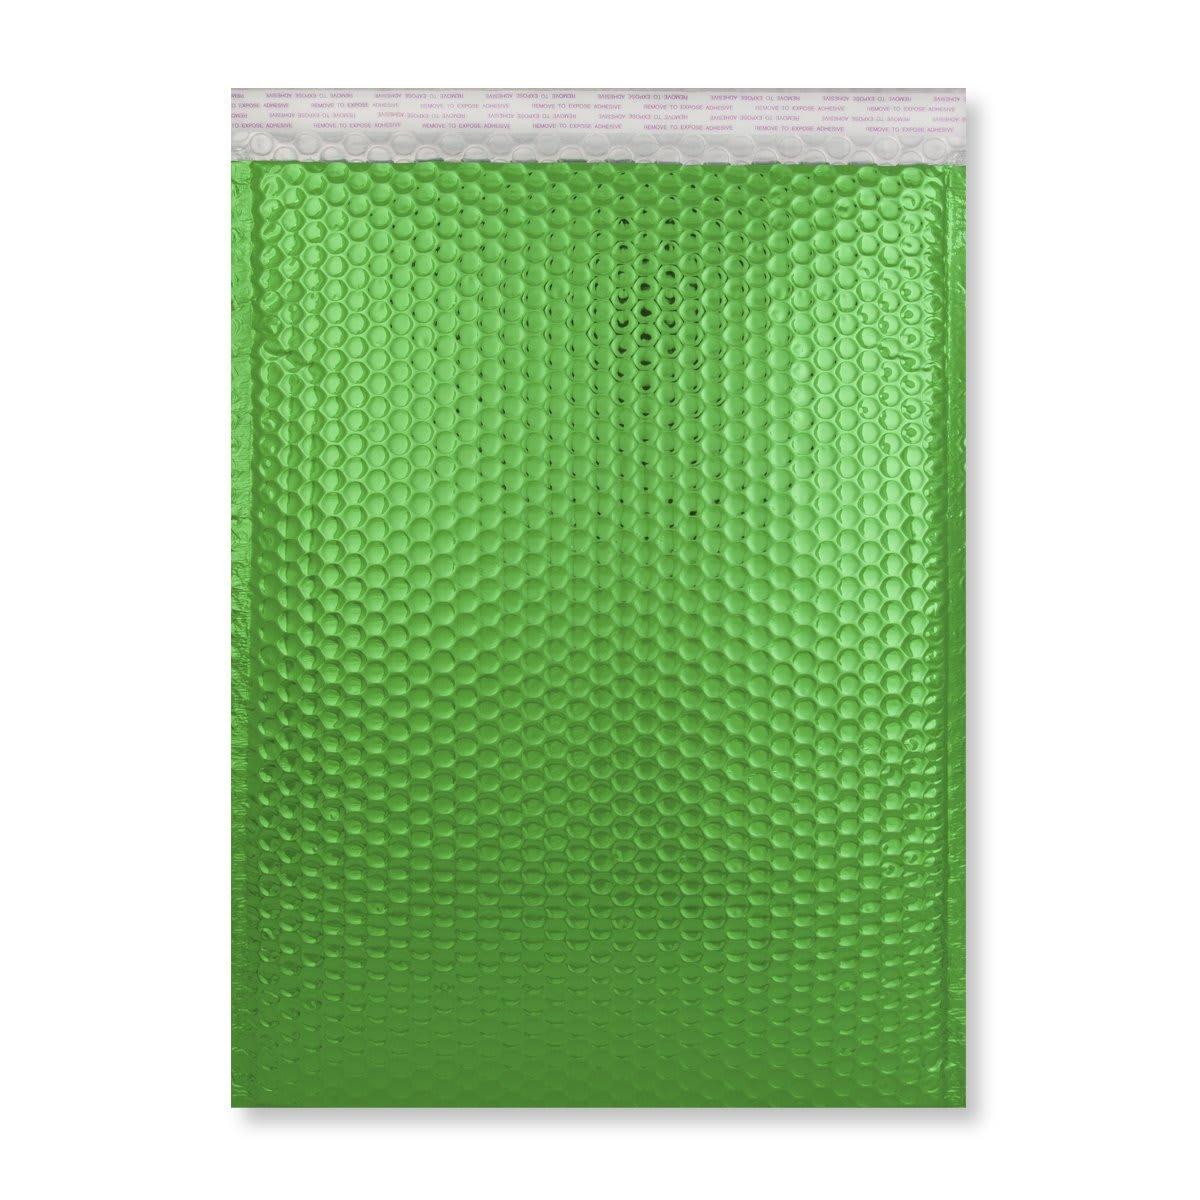 C3 GLOSS METALLIC GREEN PADDED ENVELOPES (450 x 320MM)